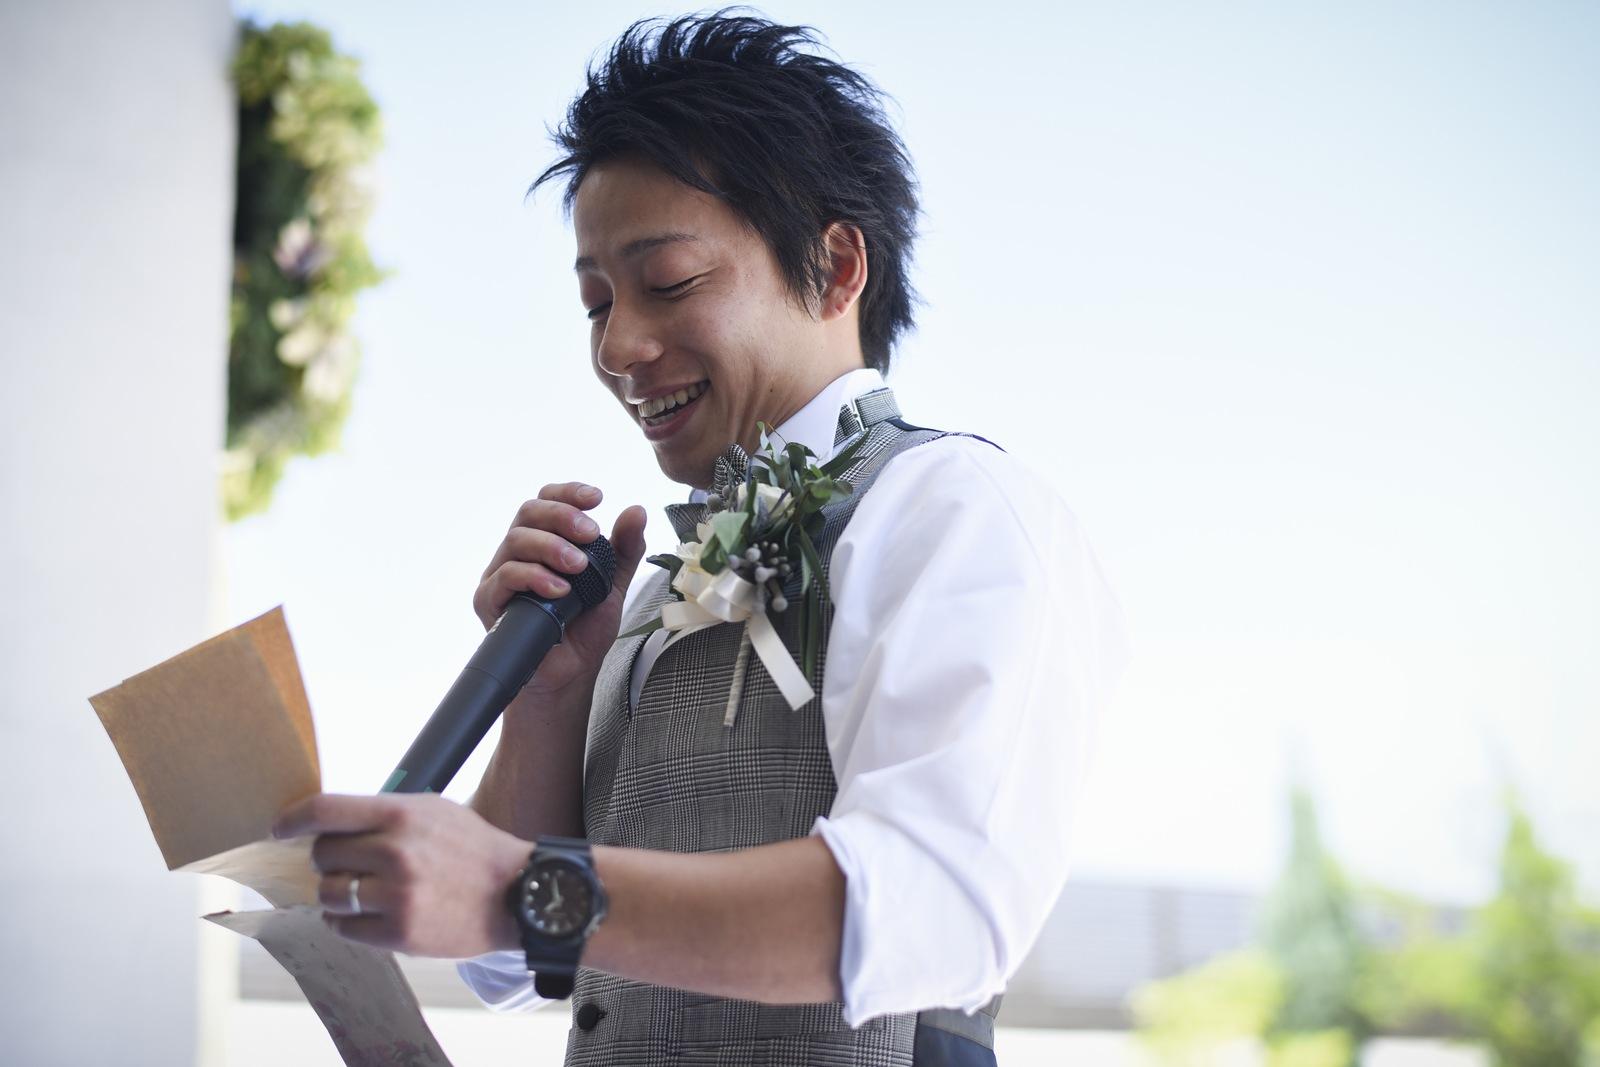 香川県の結婚式場アイスタイルで新婦へのサプライズの手紙を読む新郎